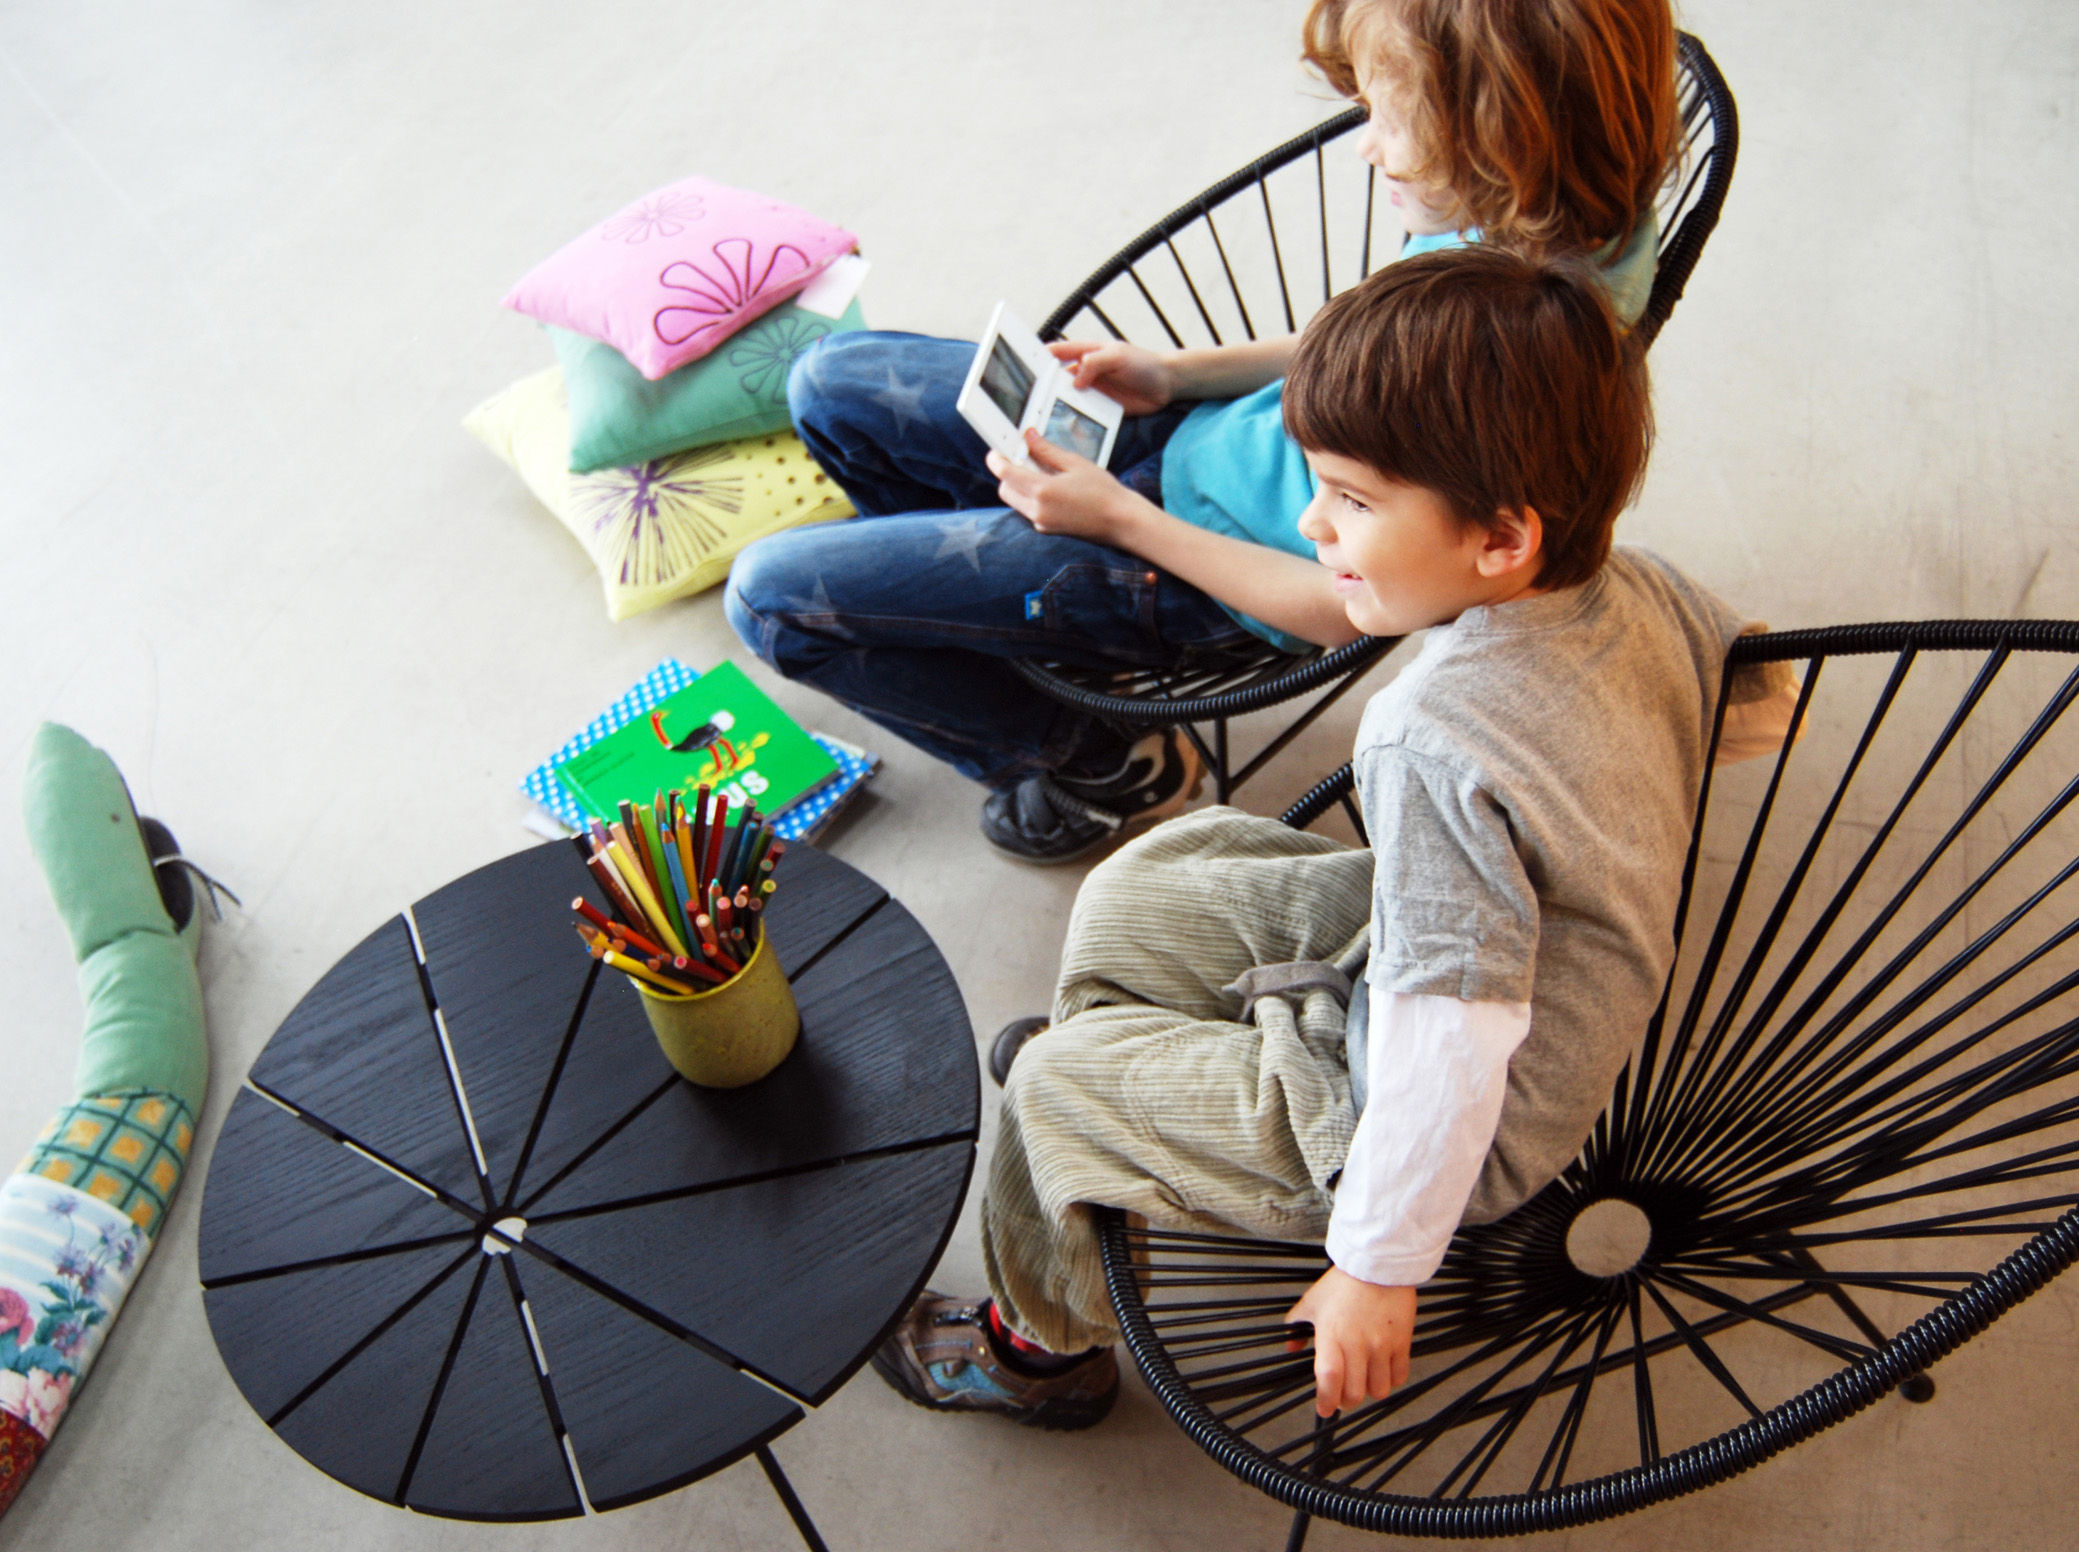 fauteuil enfant mini acapulco jaune ok design pour sentou edition. Black Bedroom Furniture Sets. Home Design Ideas